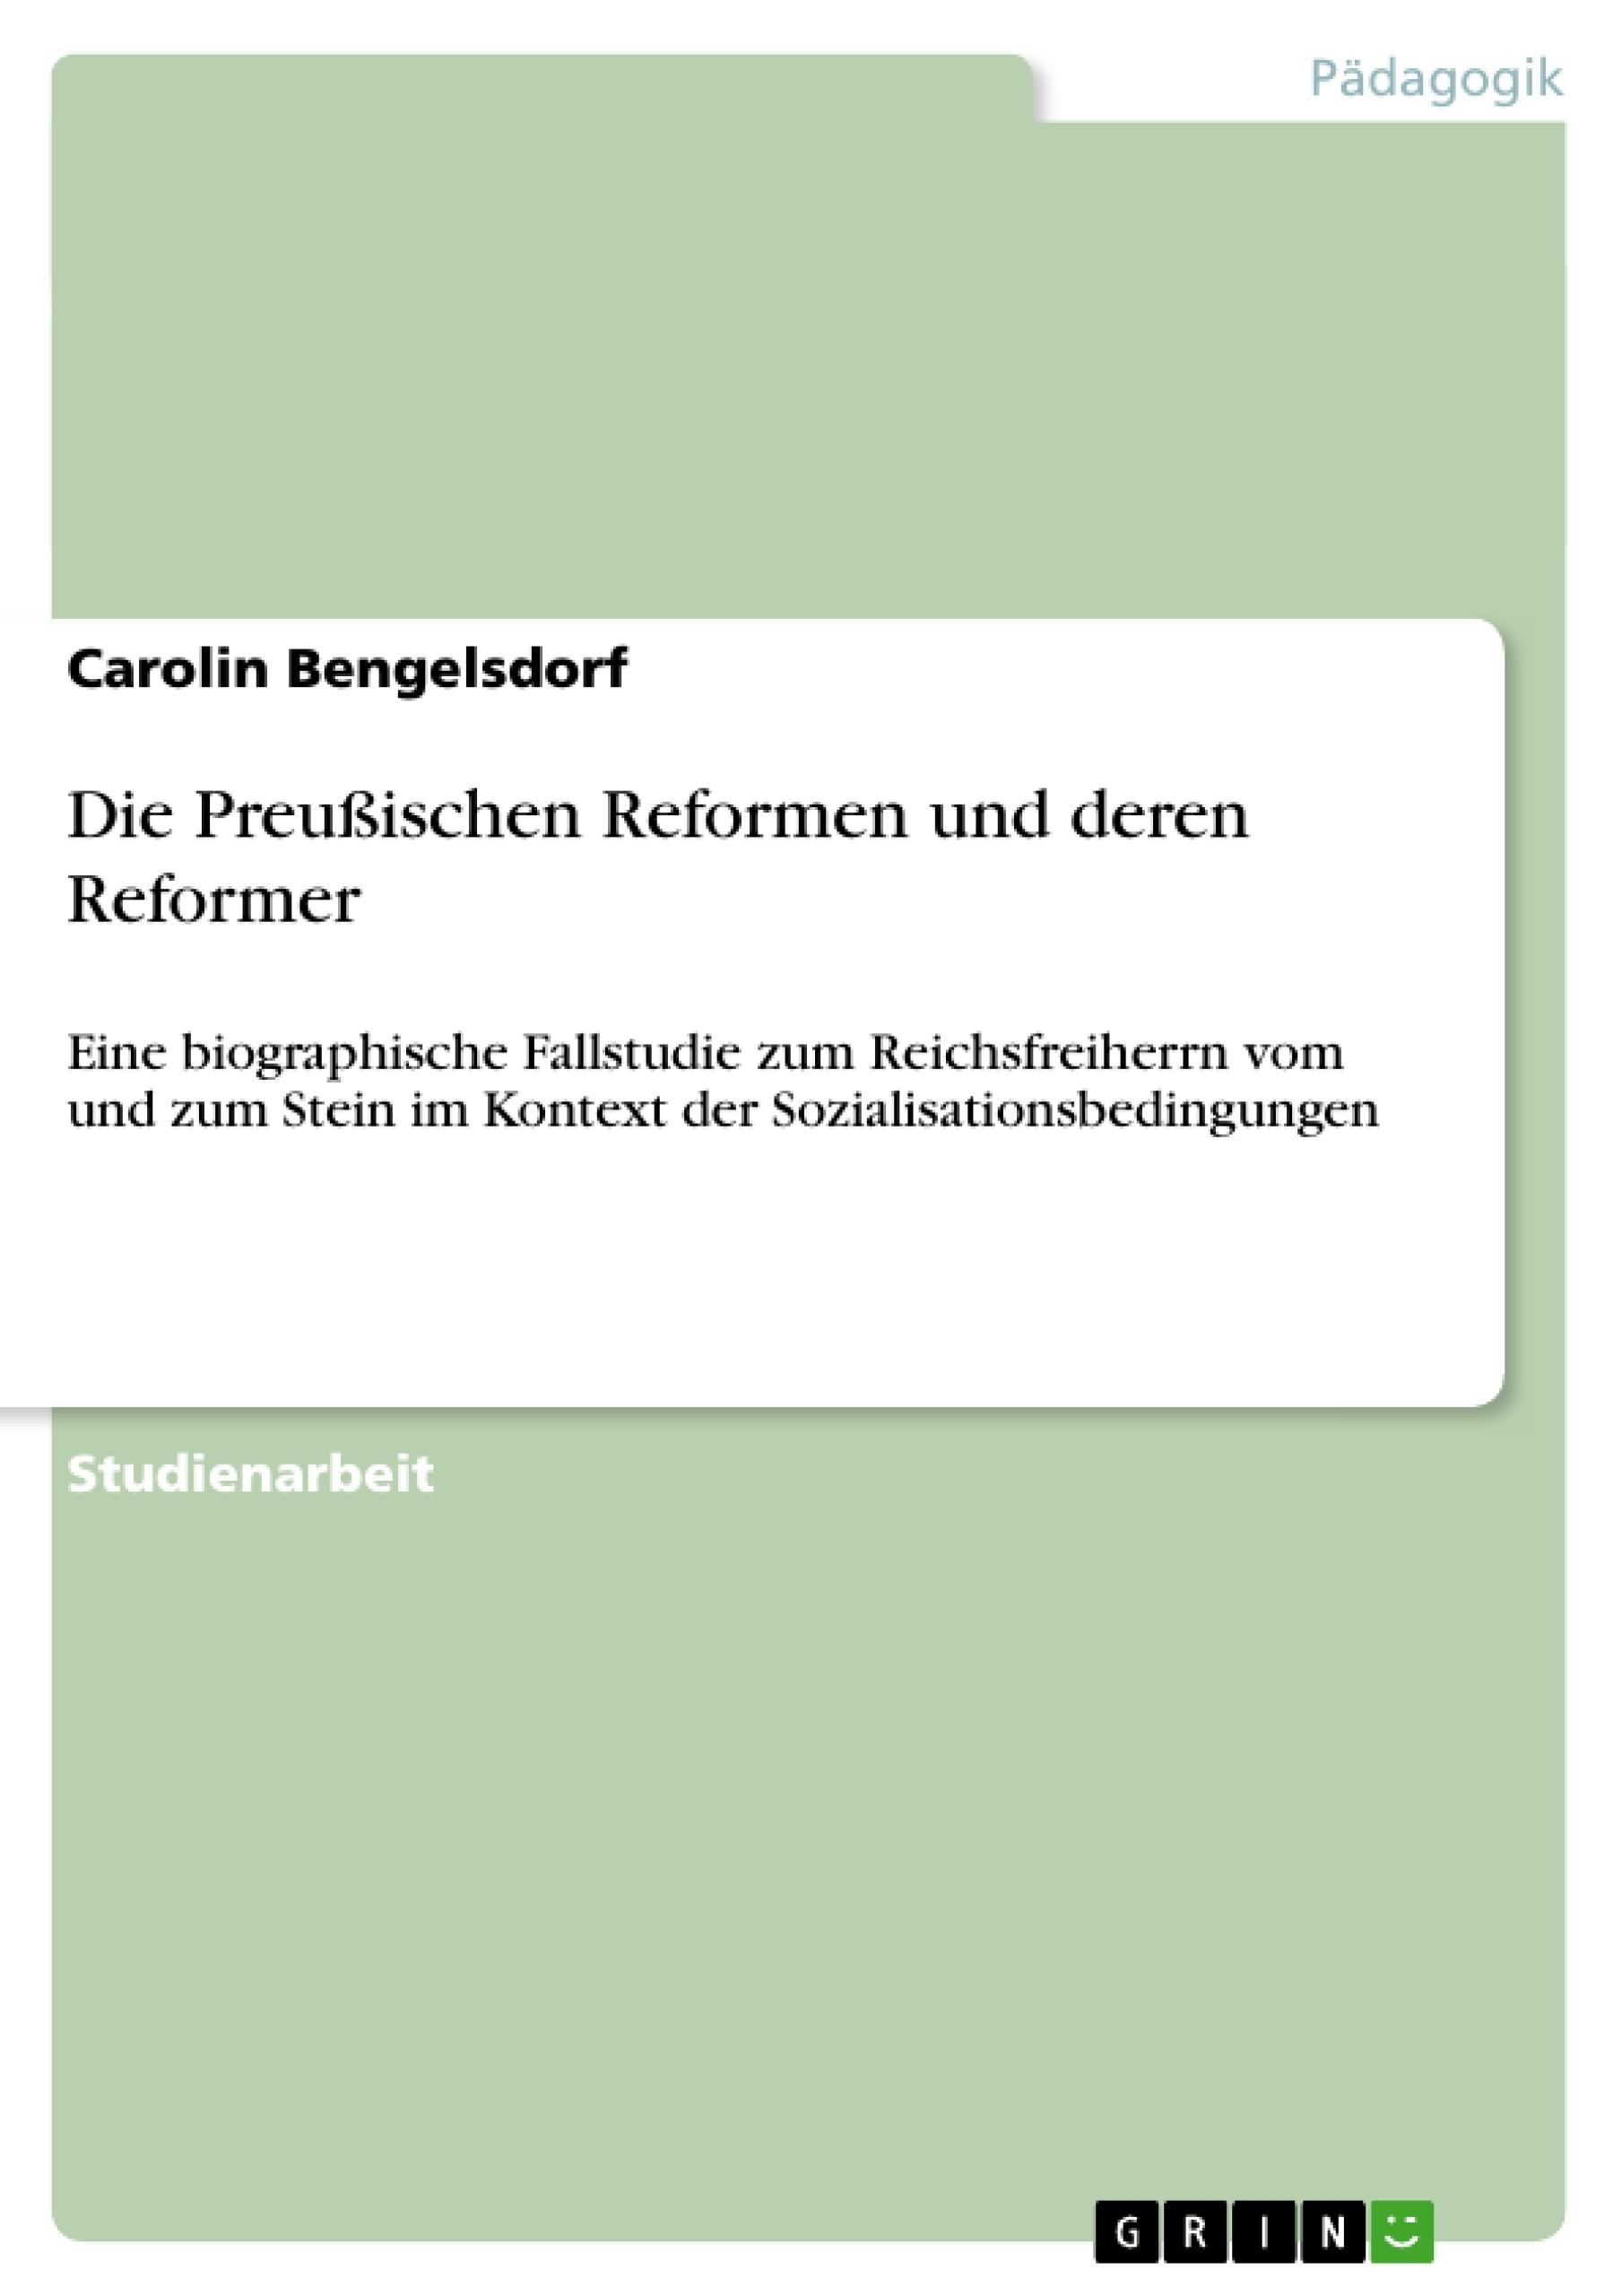 Titel: Die Preußischen Reformen und deren Reformer